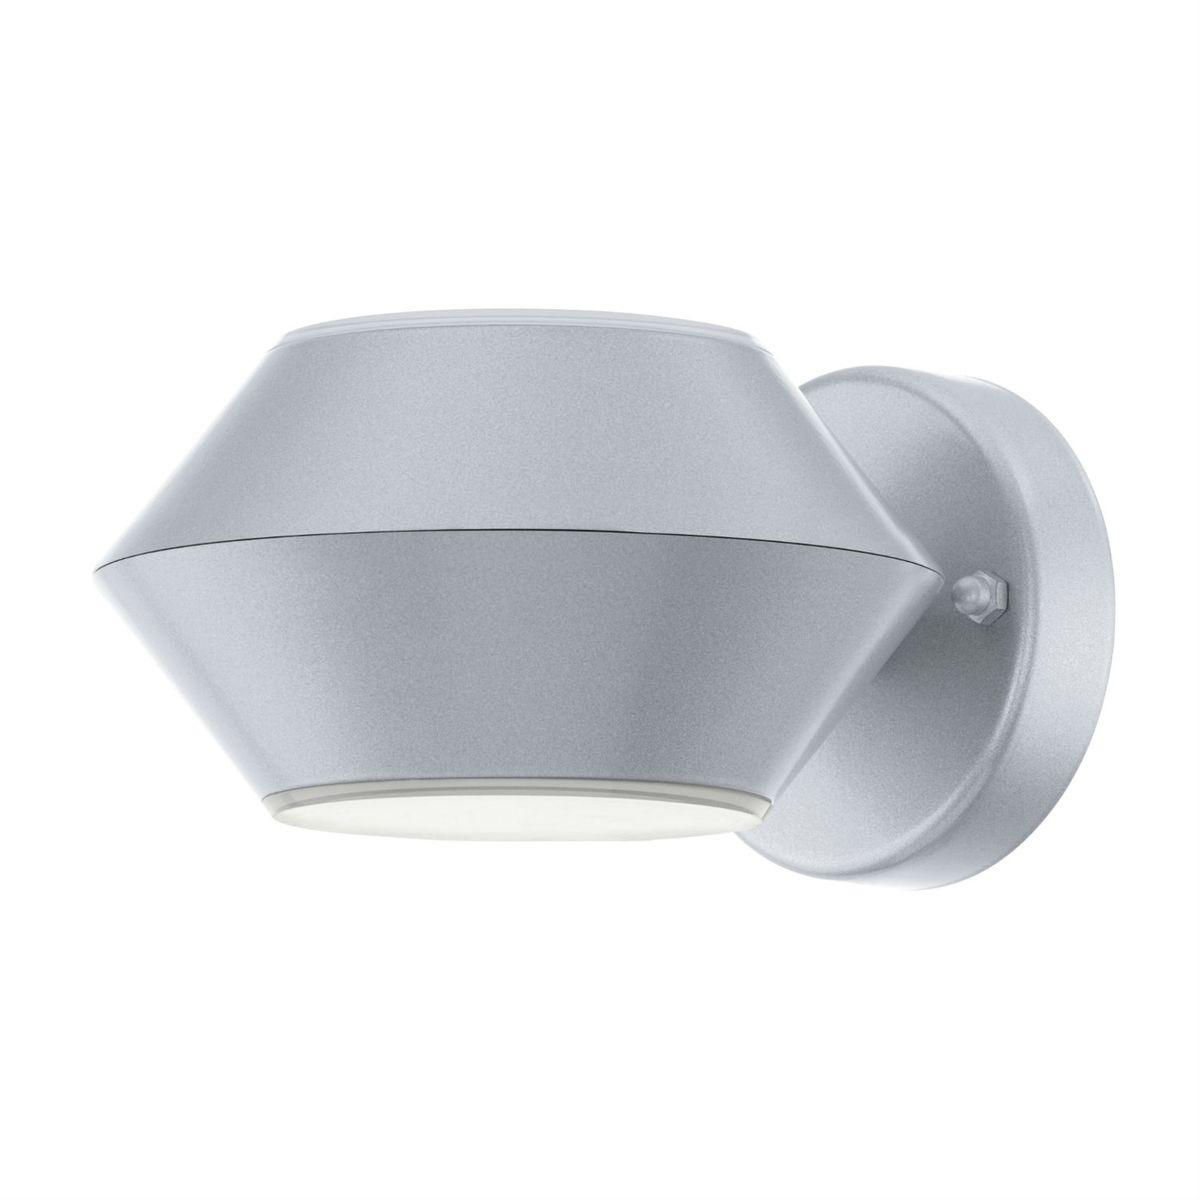 NOCELLA - Applique d'extérieur LED 2 Lumières Argent L17,5cm - Luminaire d'extérieur Eglo designé par